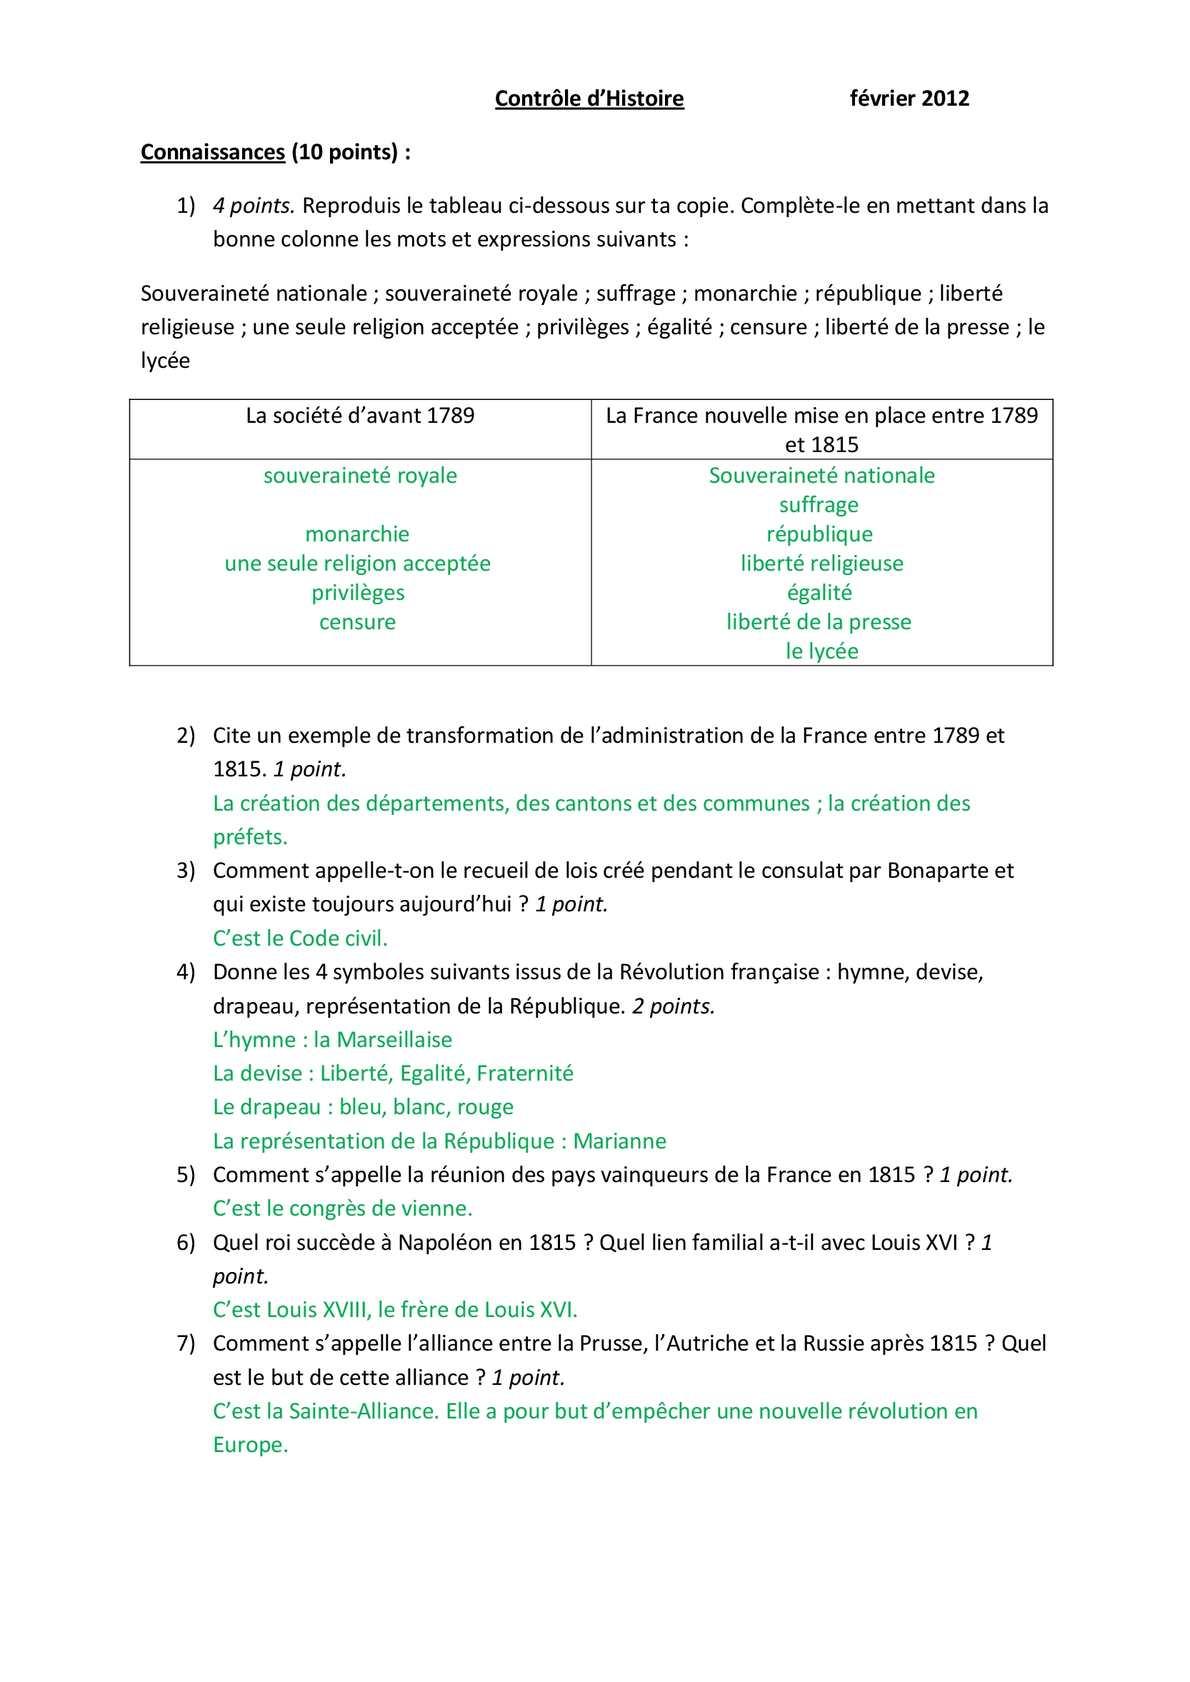 Transformations Politiques Et Sociales De La France De 1789 à 1815 : transformations, politiques, sociales, france, Controle, Histoire, France, Leurope, Aperçu, Historique